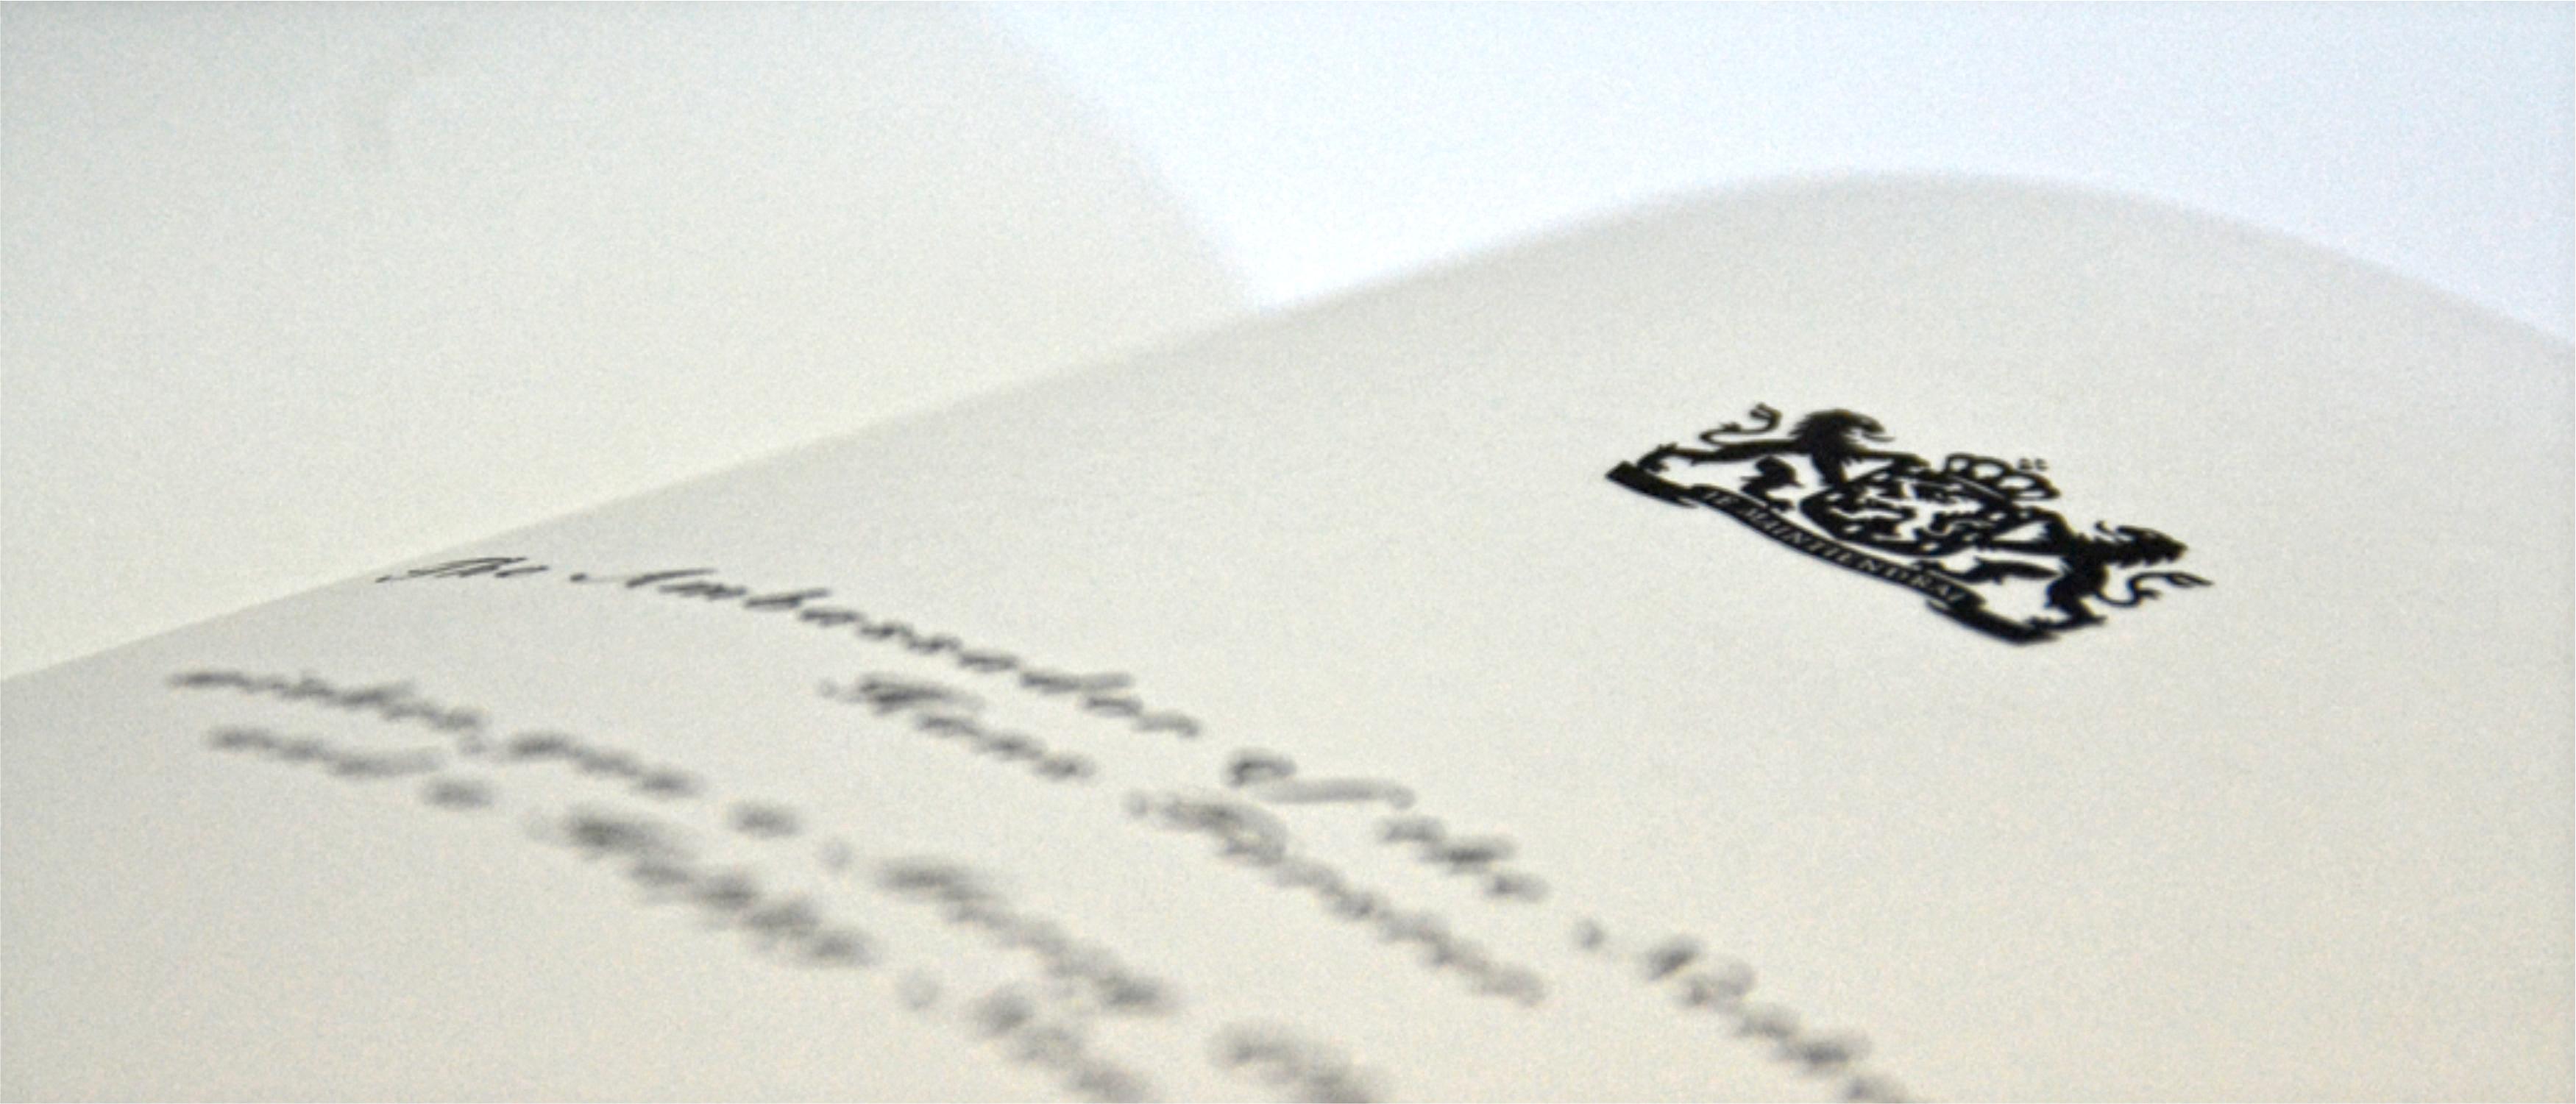 Εκτύπωση/Printing